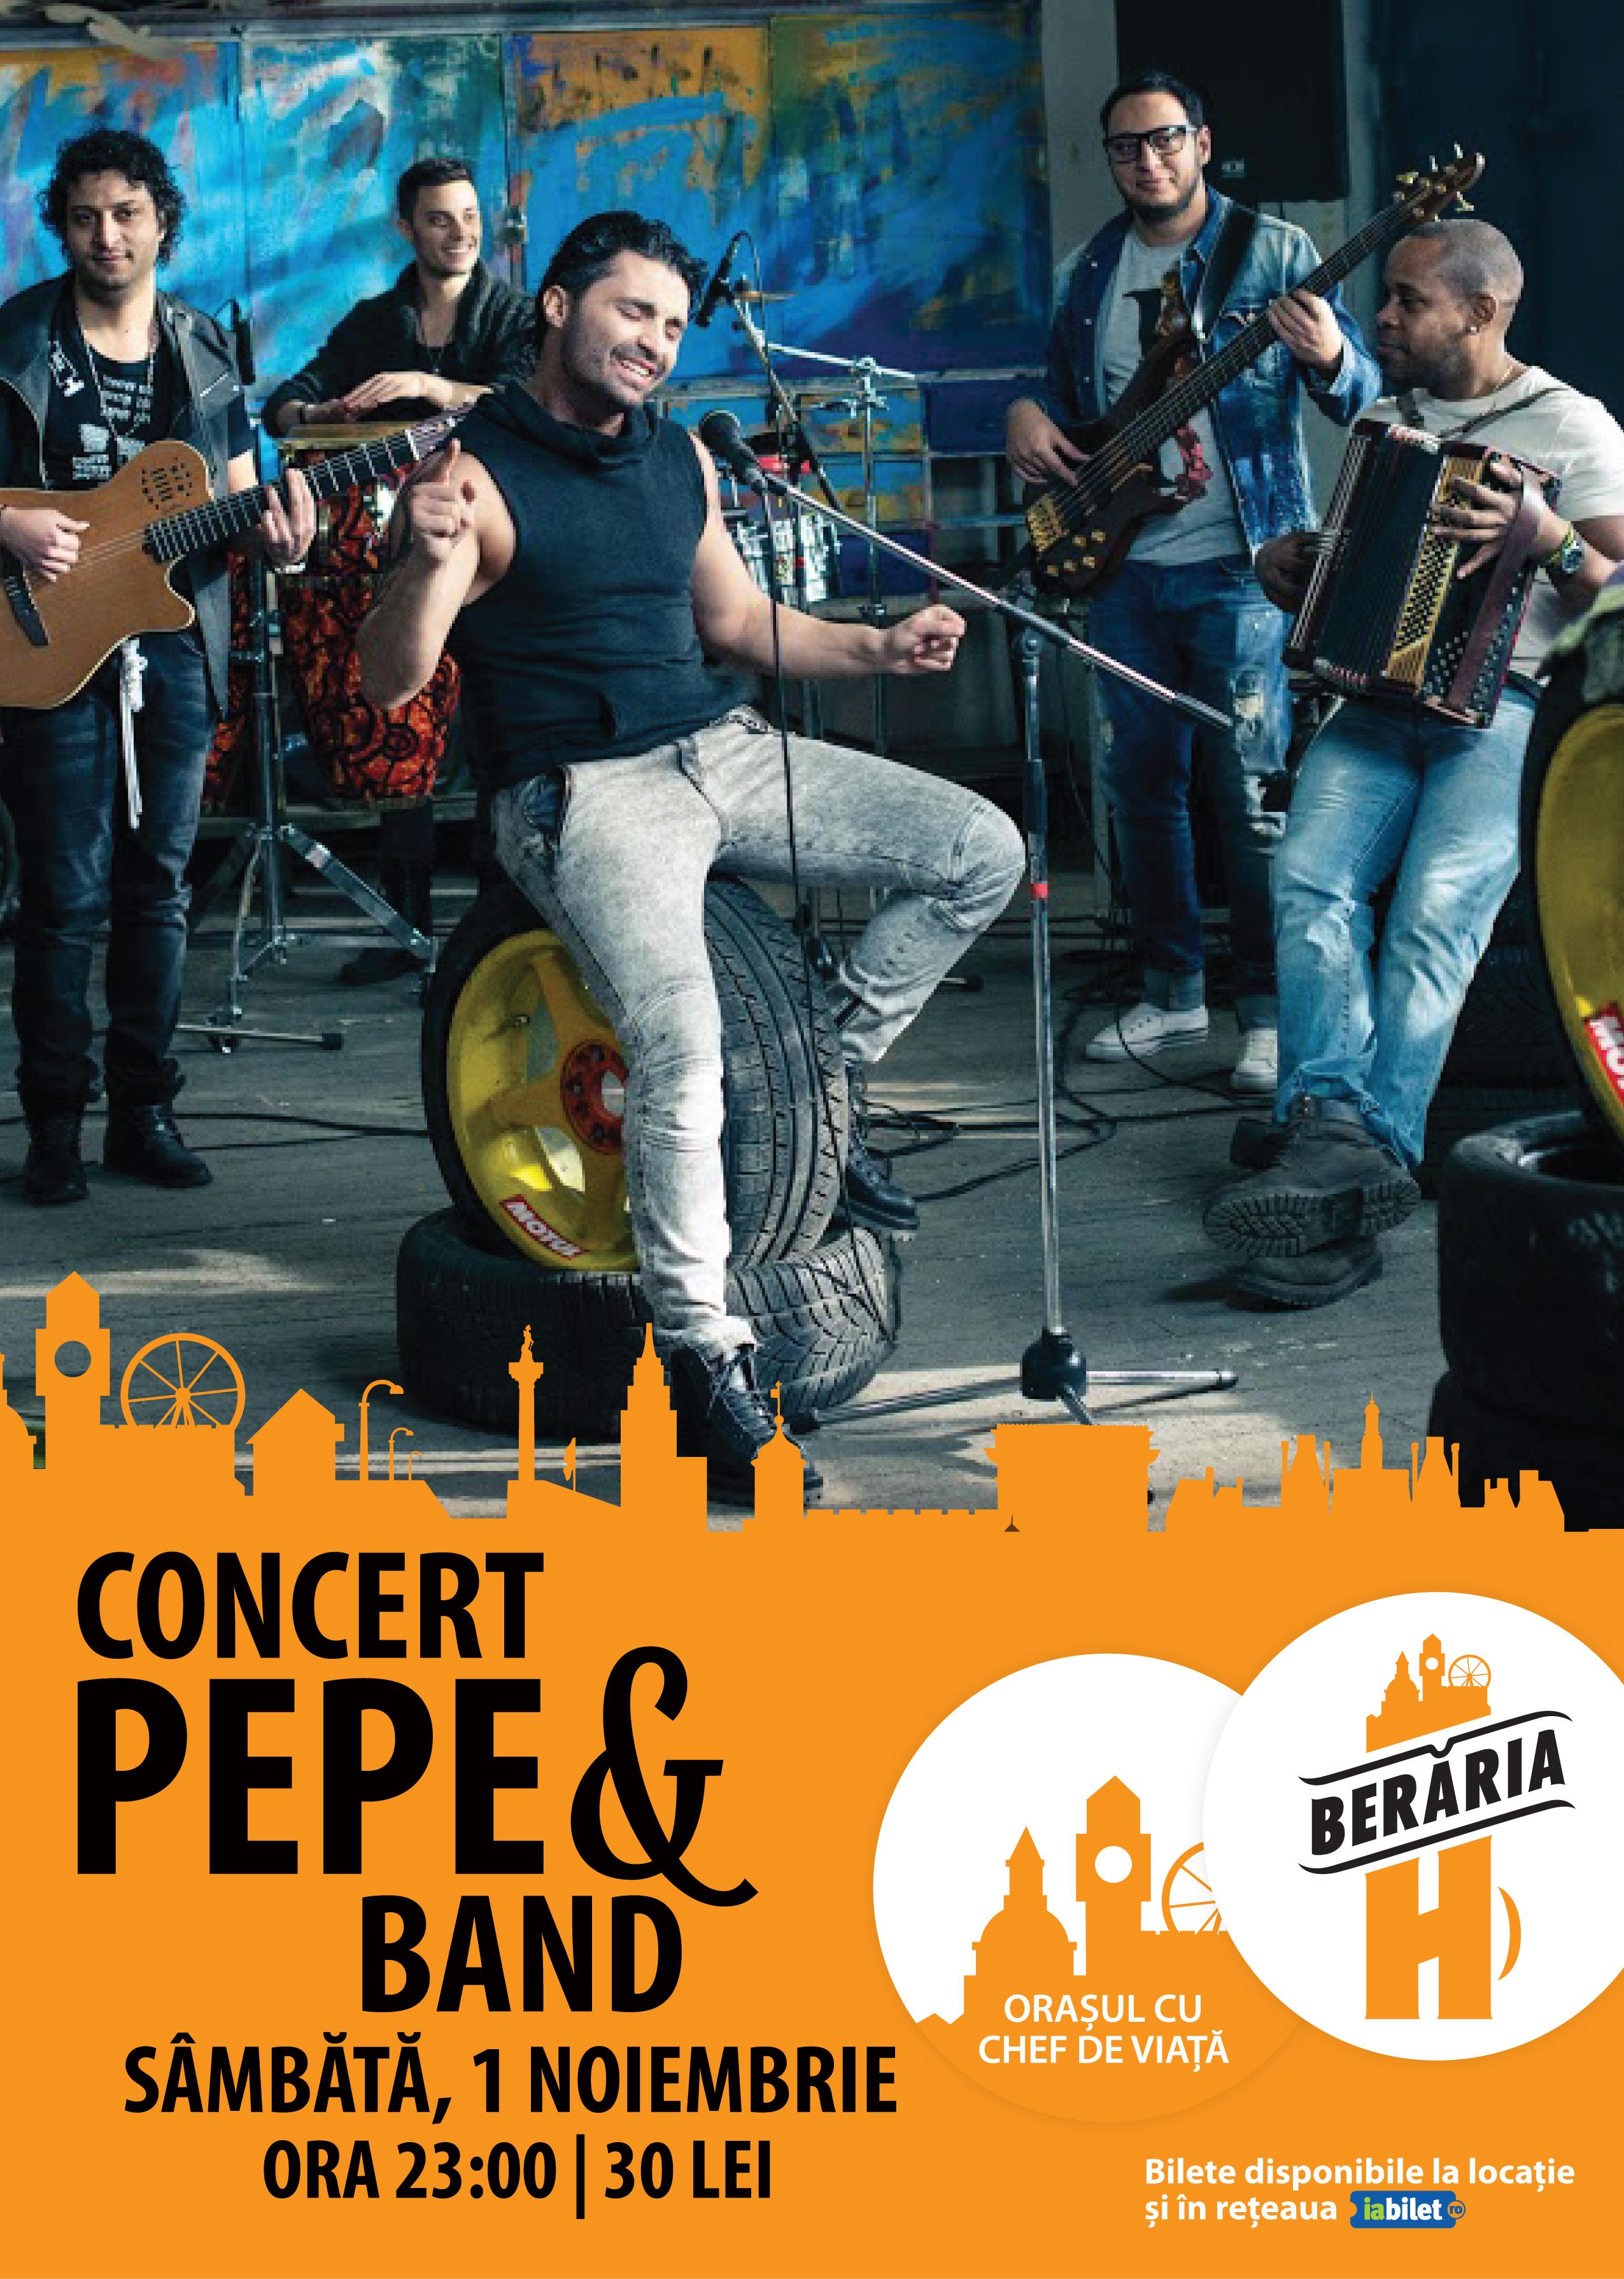 Concert Pepe in Beraria H